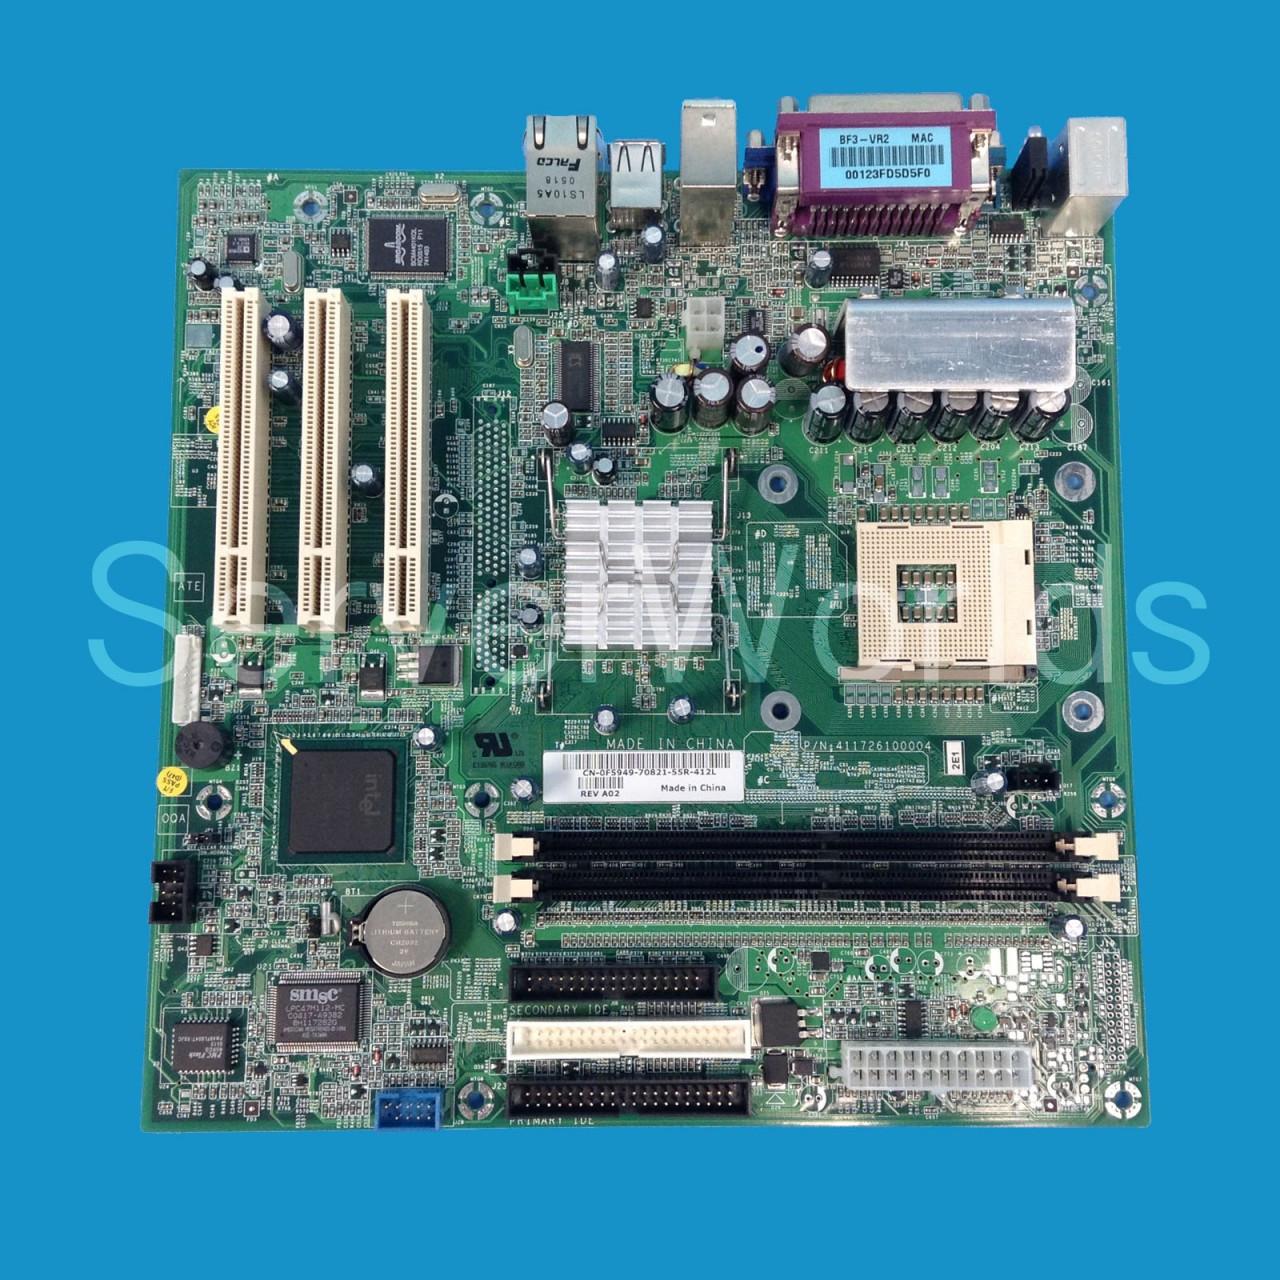 DELL DIMENSION 2400 NETWORK CONTROLLER WINDOWS 8 X64 DRIVER